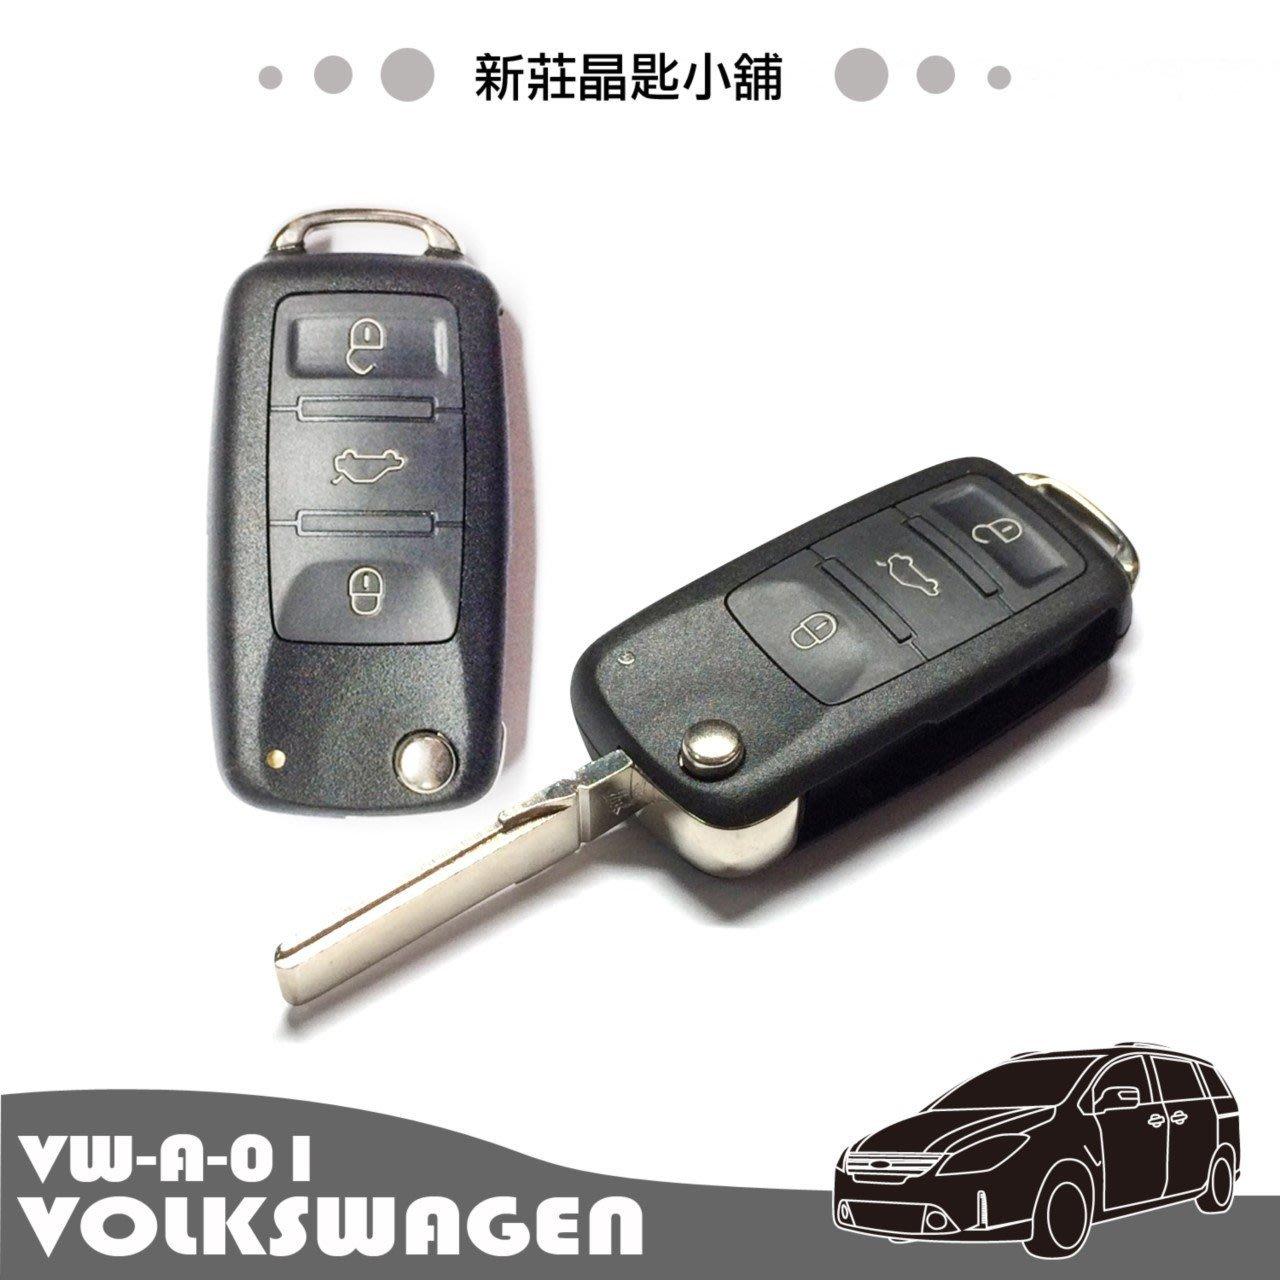 新莊晶匙小舖 福斯 奧迪VolksWagen Touareg Phaeton AUDI A8 電子式摺疊式遙控晶片鑰匙